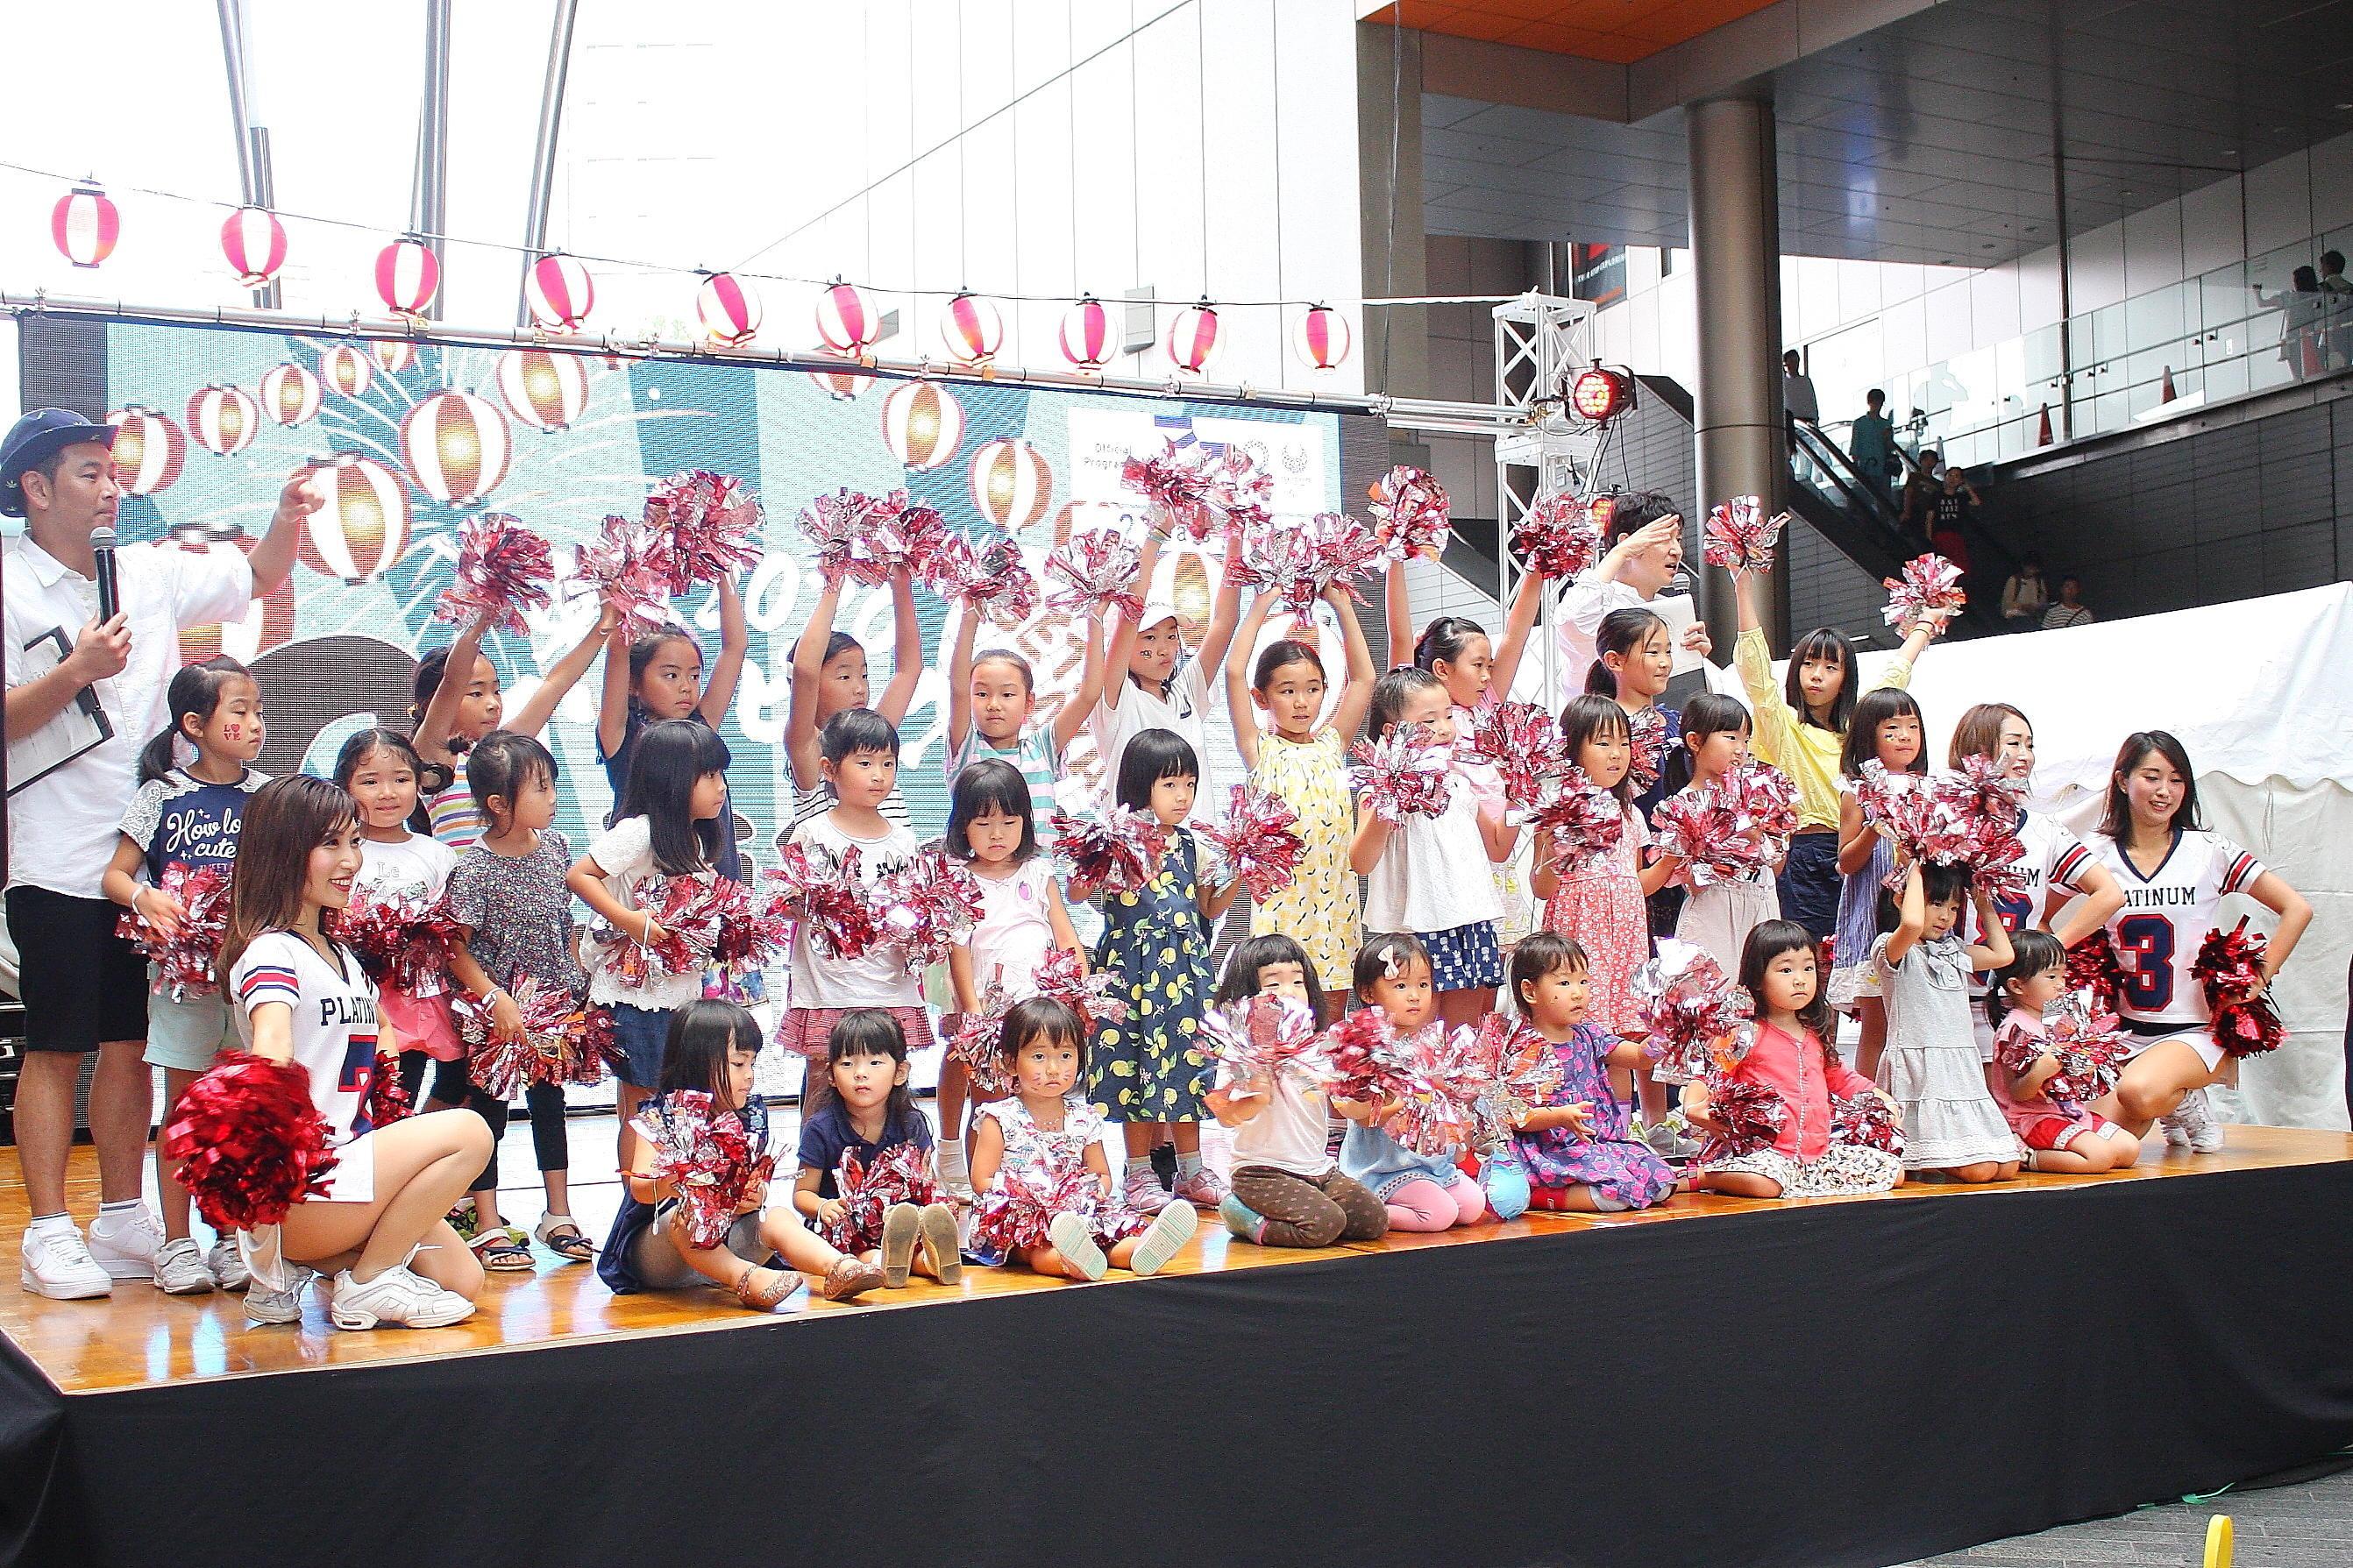 http://news.yoshimoto.co.jp/20180730144849-2ddbfd143a0bc76ede6db8dc6b83c4a602030f67.jpg